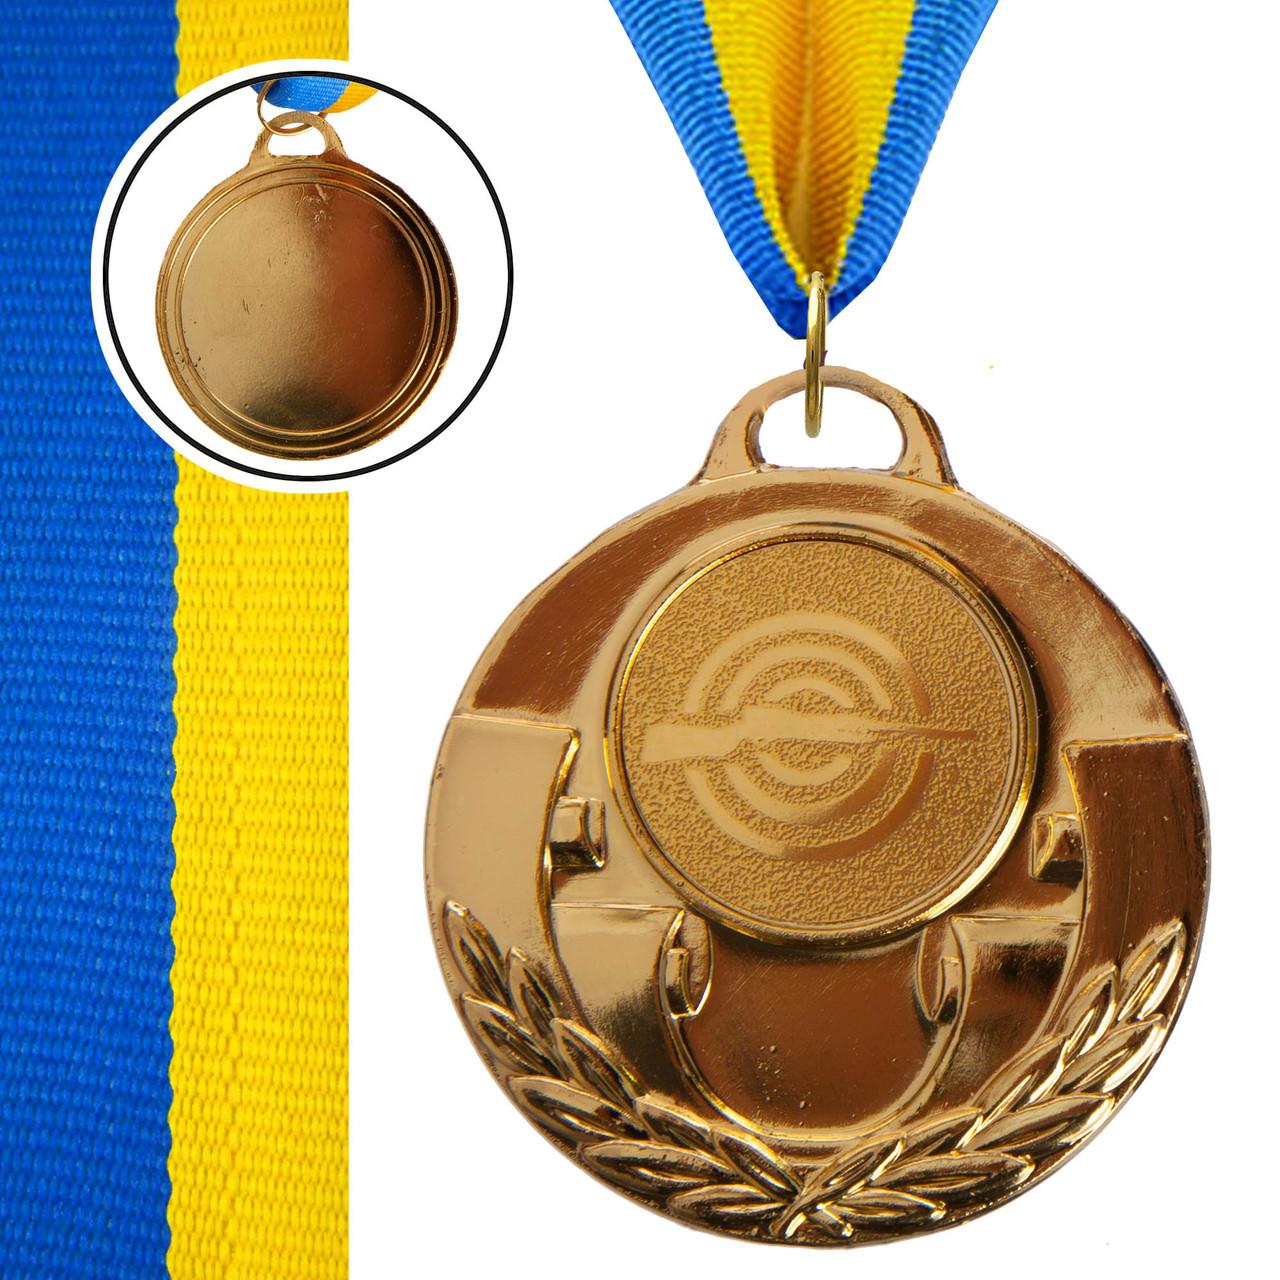 Медаль спортивная с лентой AIM d-5см Стрельба (металл, 25g, 1-золото, 2-серебро, 3-бронза) Золотой PZ-C-4846-0005_1